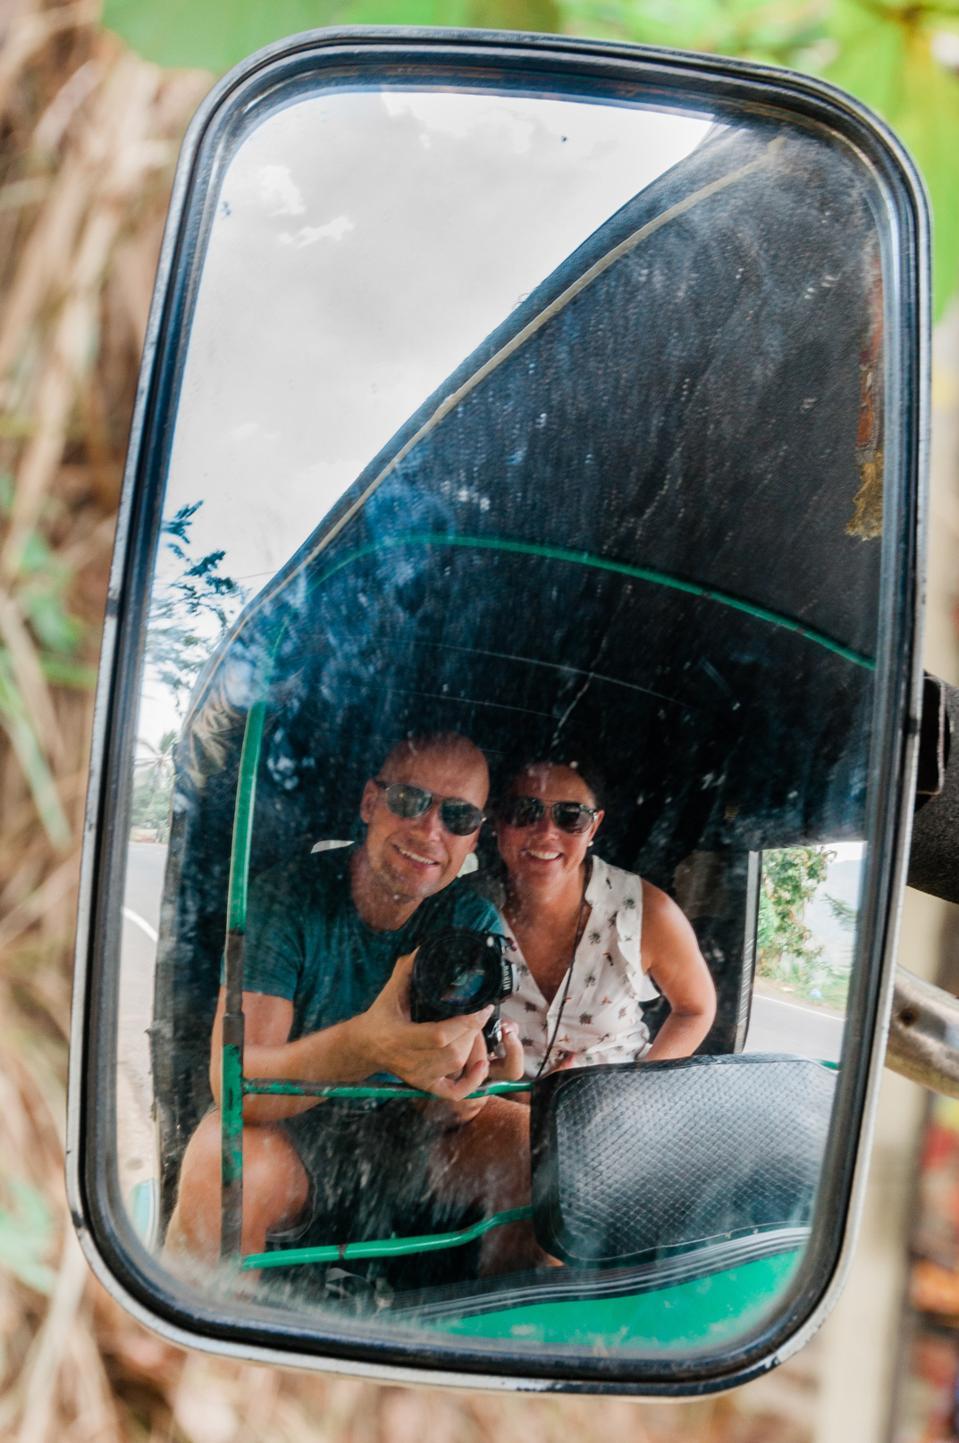 Maria Wulff Hauglann, Espen Egeland mirror image.